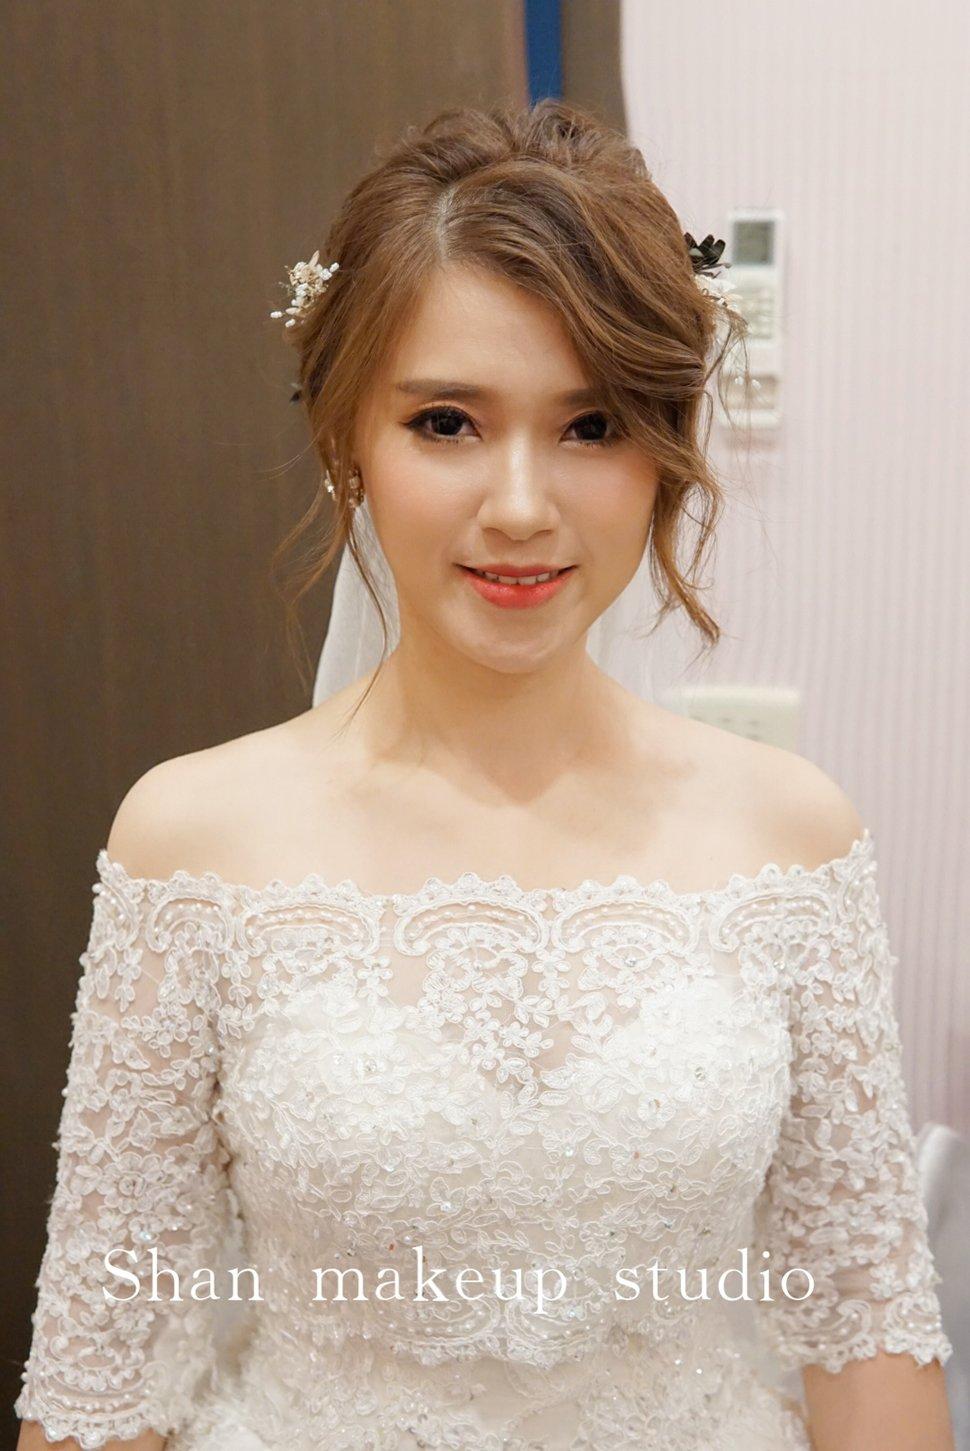 IMG_9556 - 湘翎Shan Makeup studio《結婚吧》